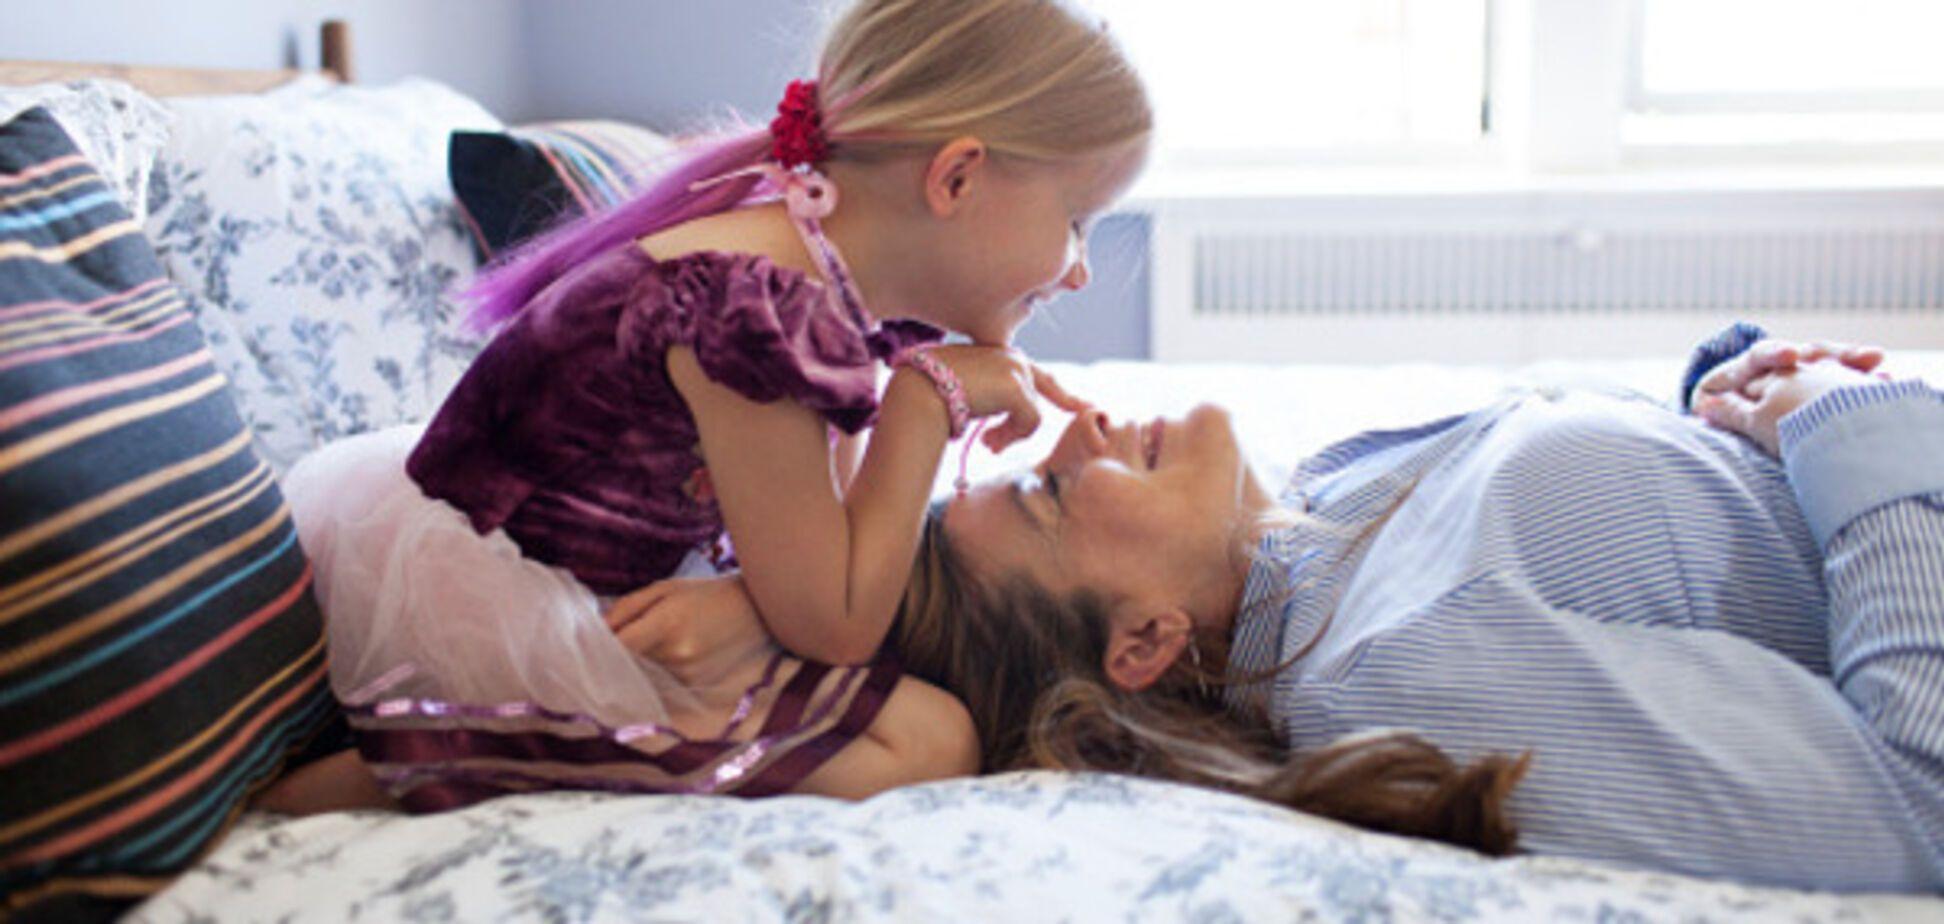 Хитрости для мам на каждый день: опубликовано видео с 9 советами